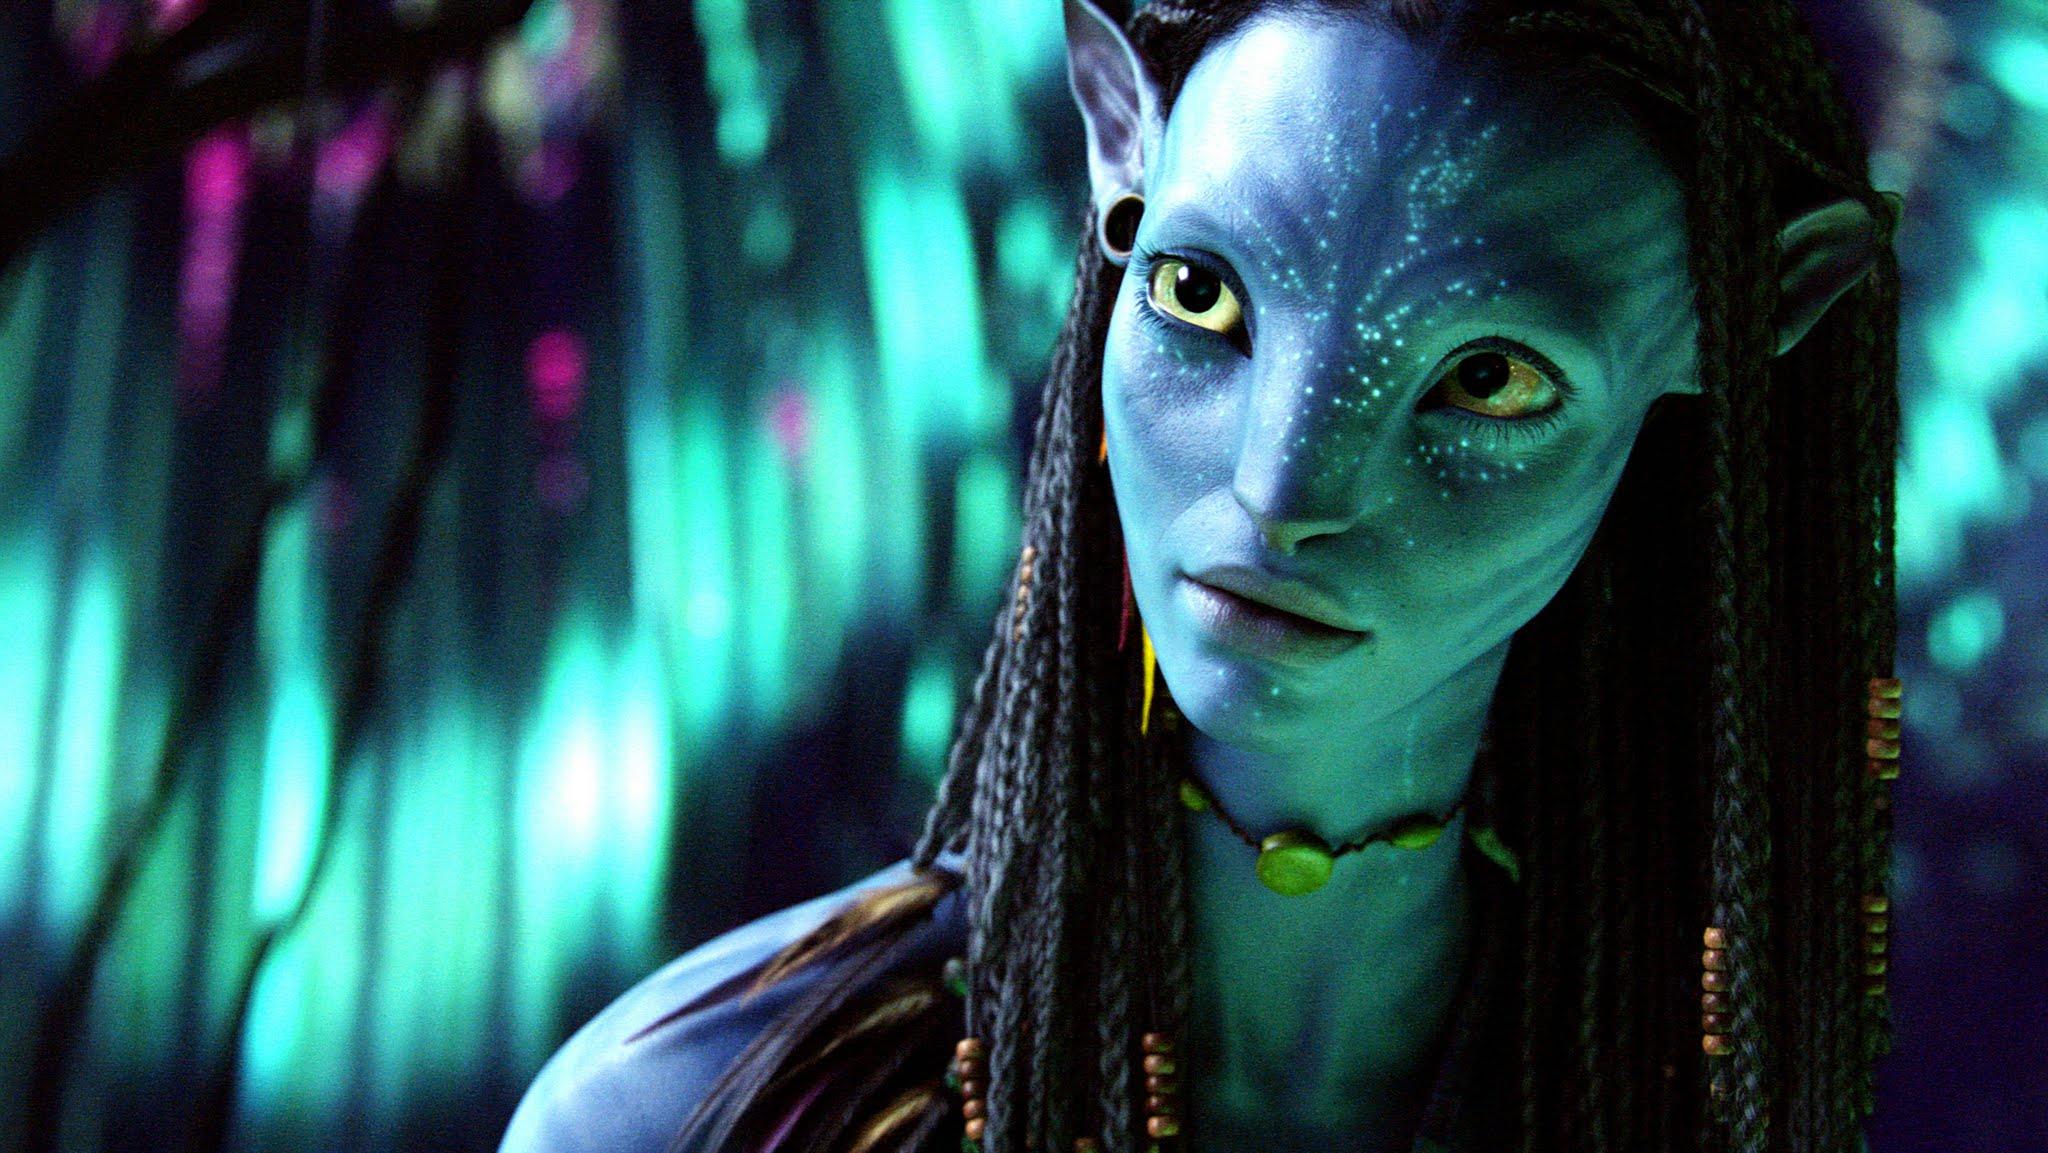 Avatar : 映画史上最大ヒットのSFアクション「アバター」の待望の続篇シリーズを製作中のジェームズ・キャメロン監督が、今春に実写シーンの撮影に取り組む予定が明らかになった ! !